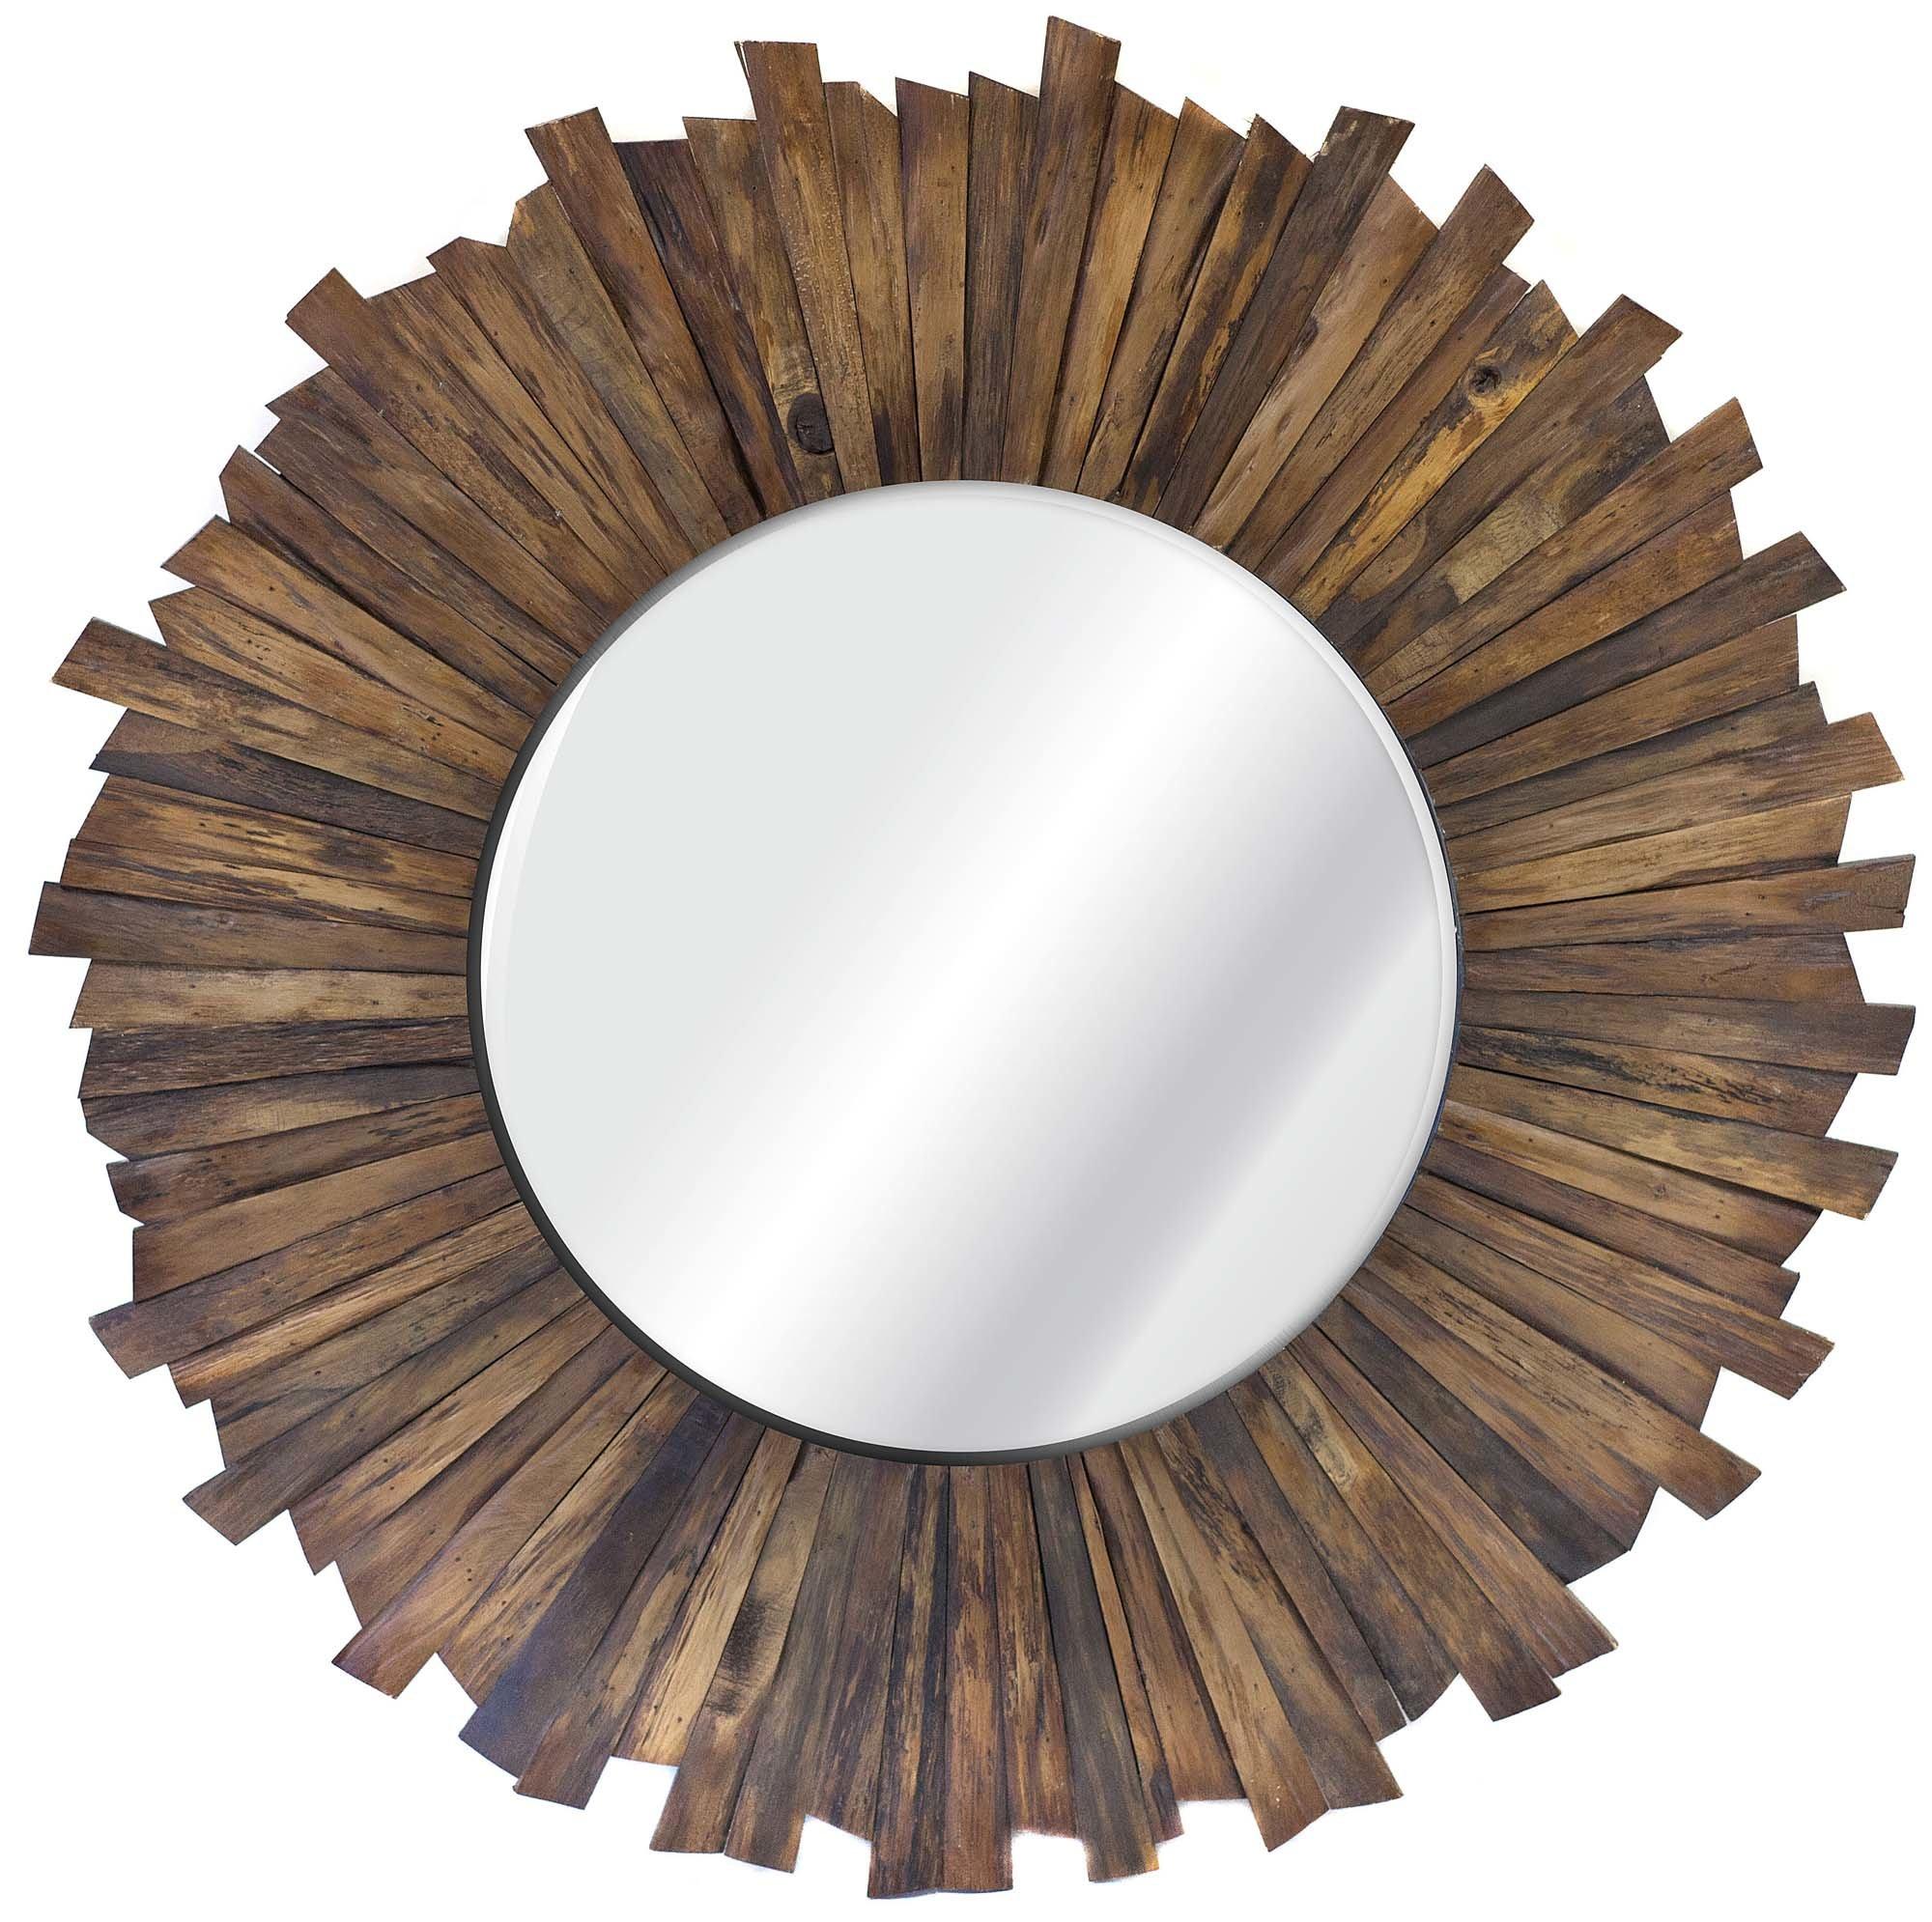 Dandir Accent Mirror Regarding Perillo Burst Wood Accent Mirrors (View 6 of 20)